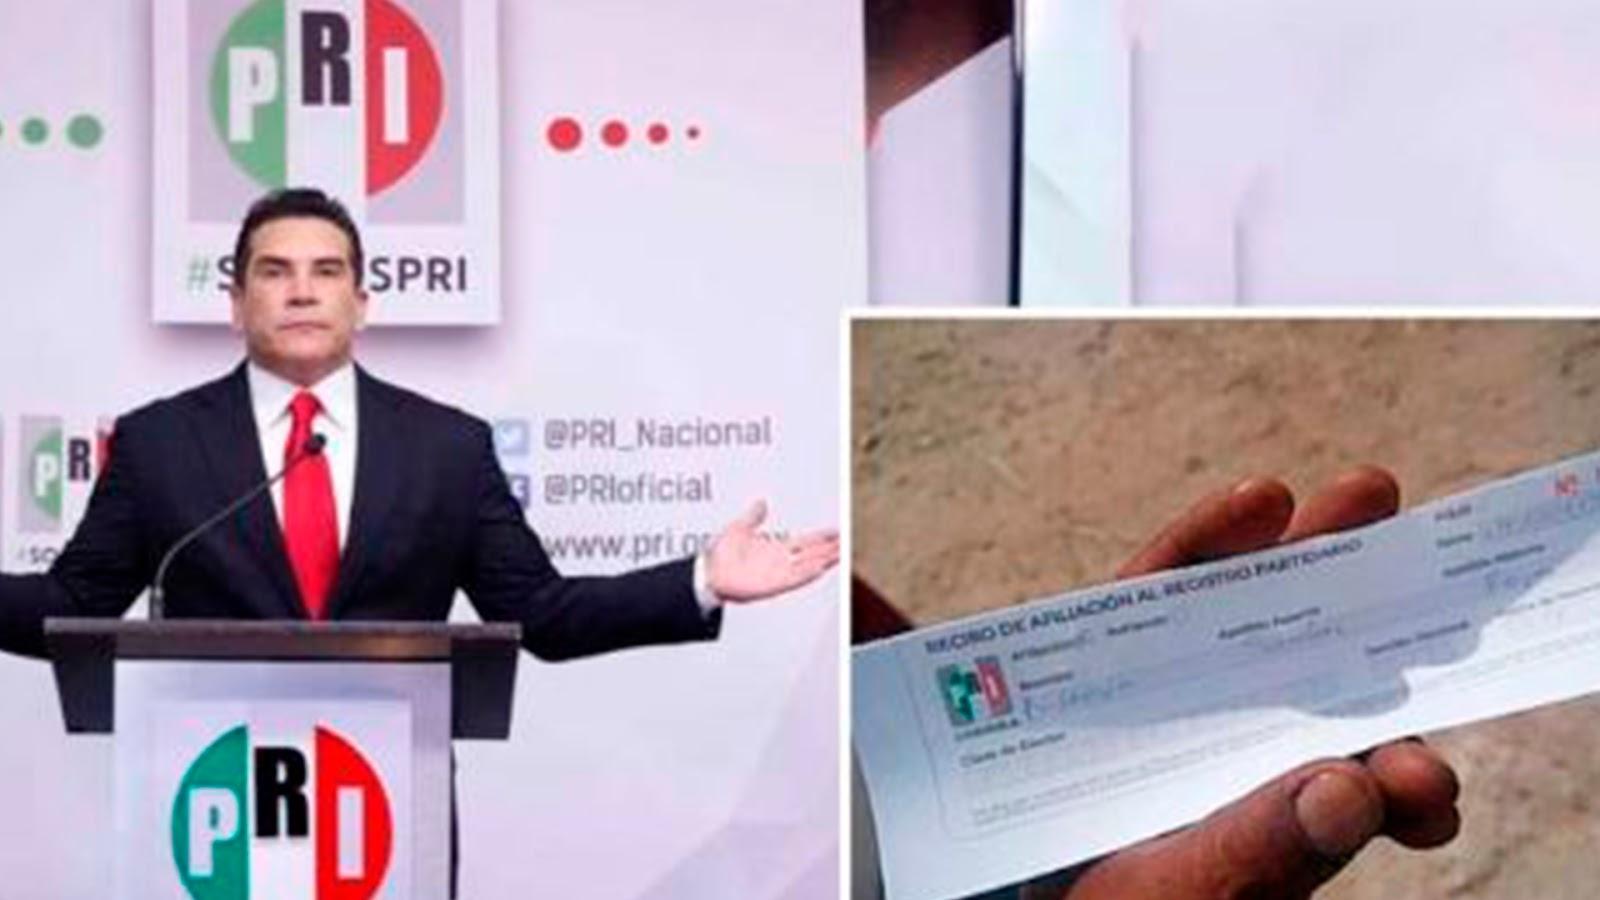 Denuncia que el PRI está entregando despensas federales a cambio de afiliaciones, en Coahuila